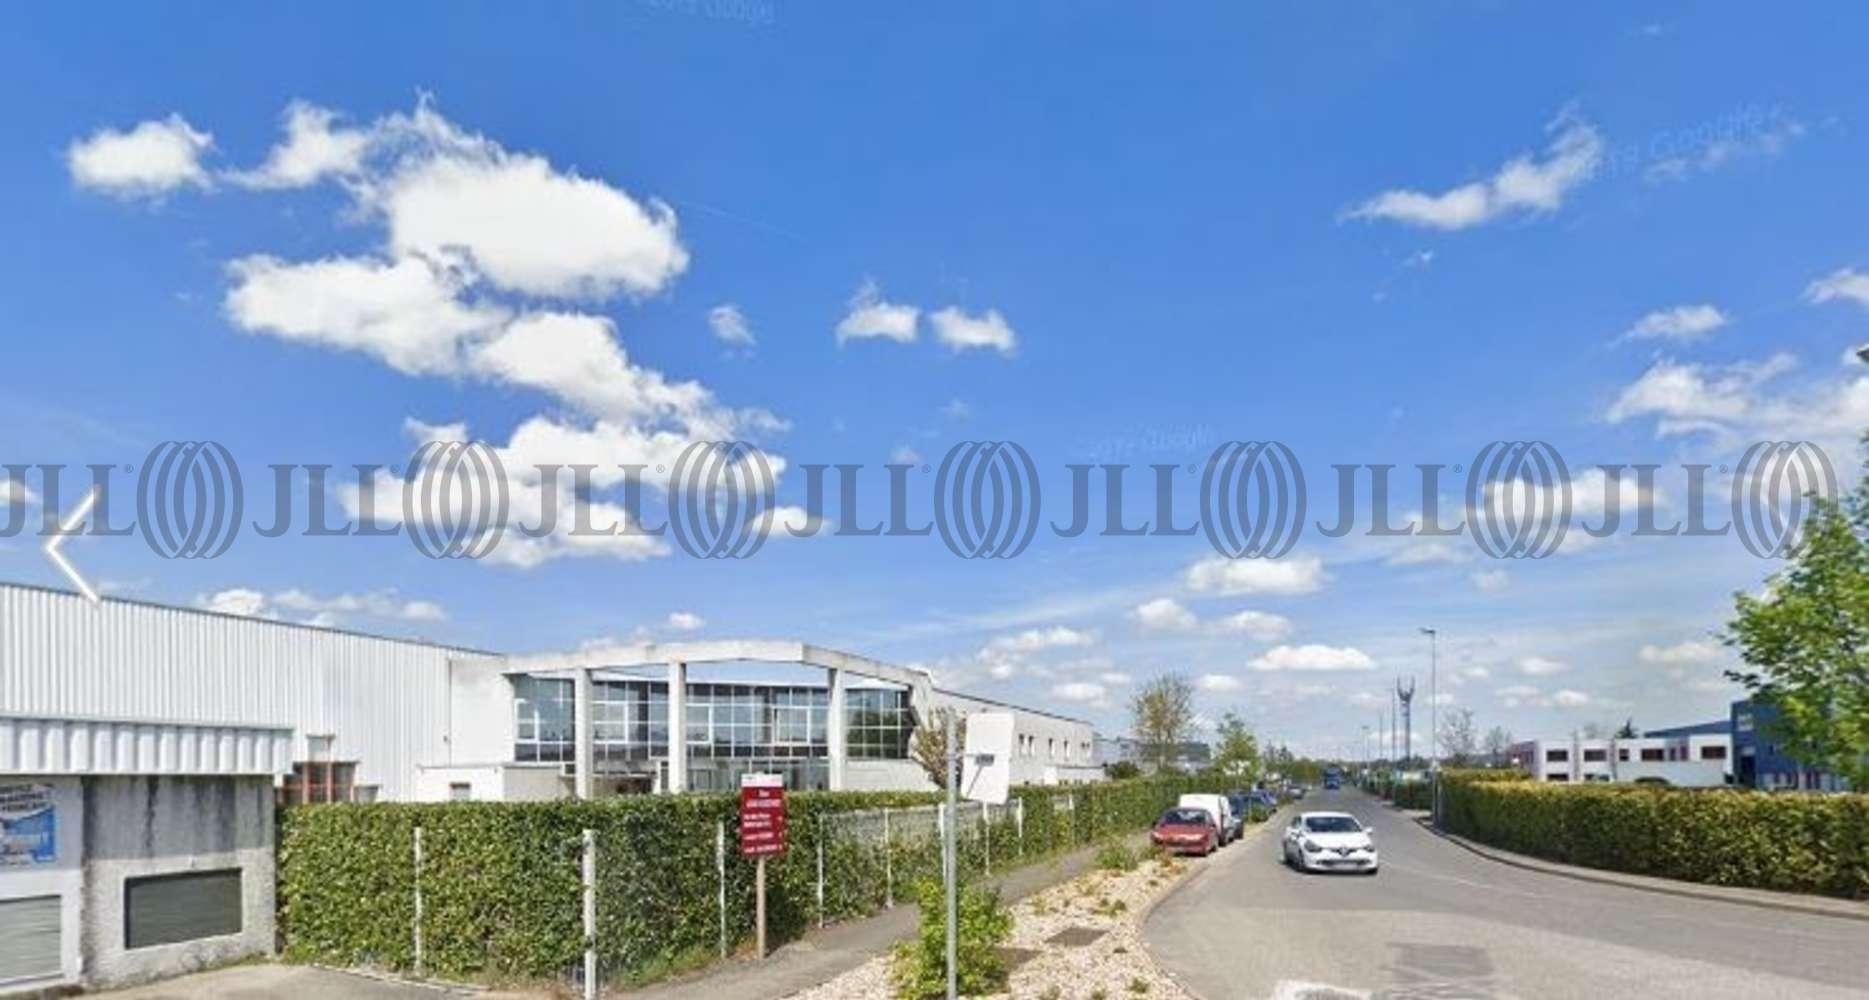 Activités/entrepôt Genas, 69740 - LOCAUX D ACTIVITE À LOUER GENAS - 10888355